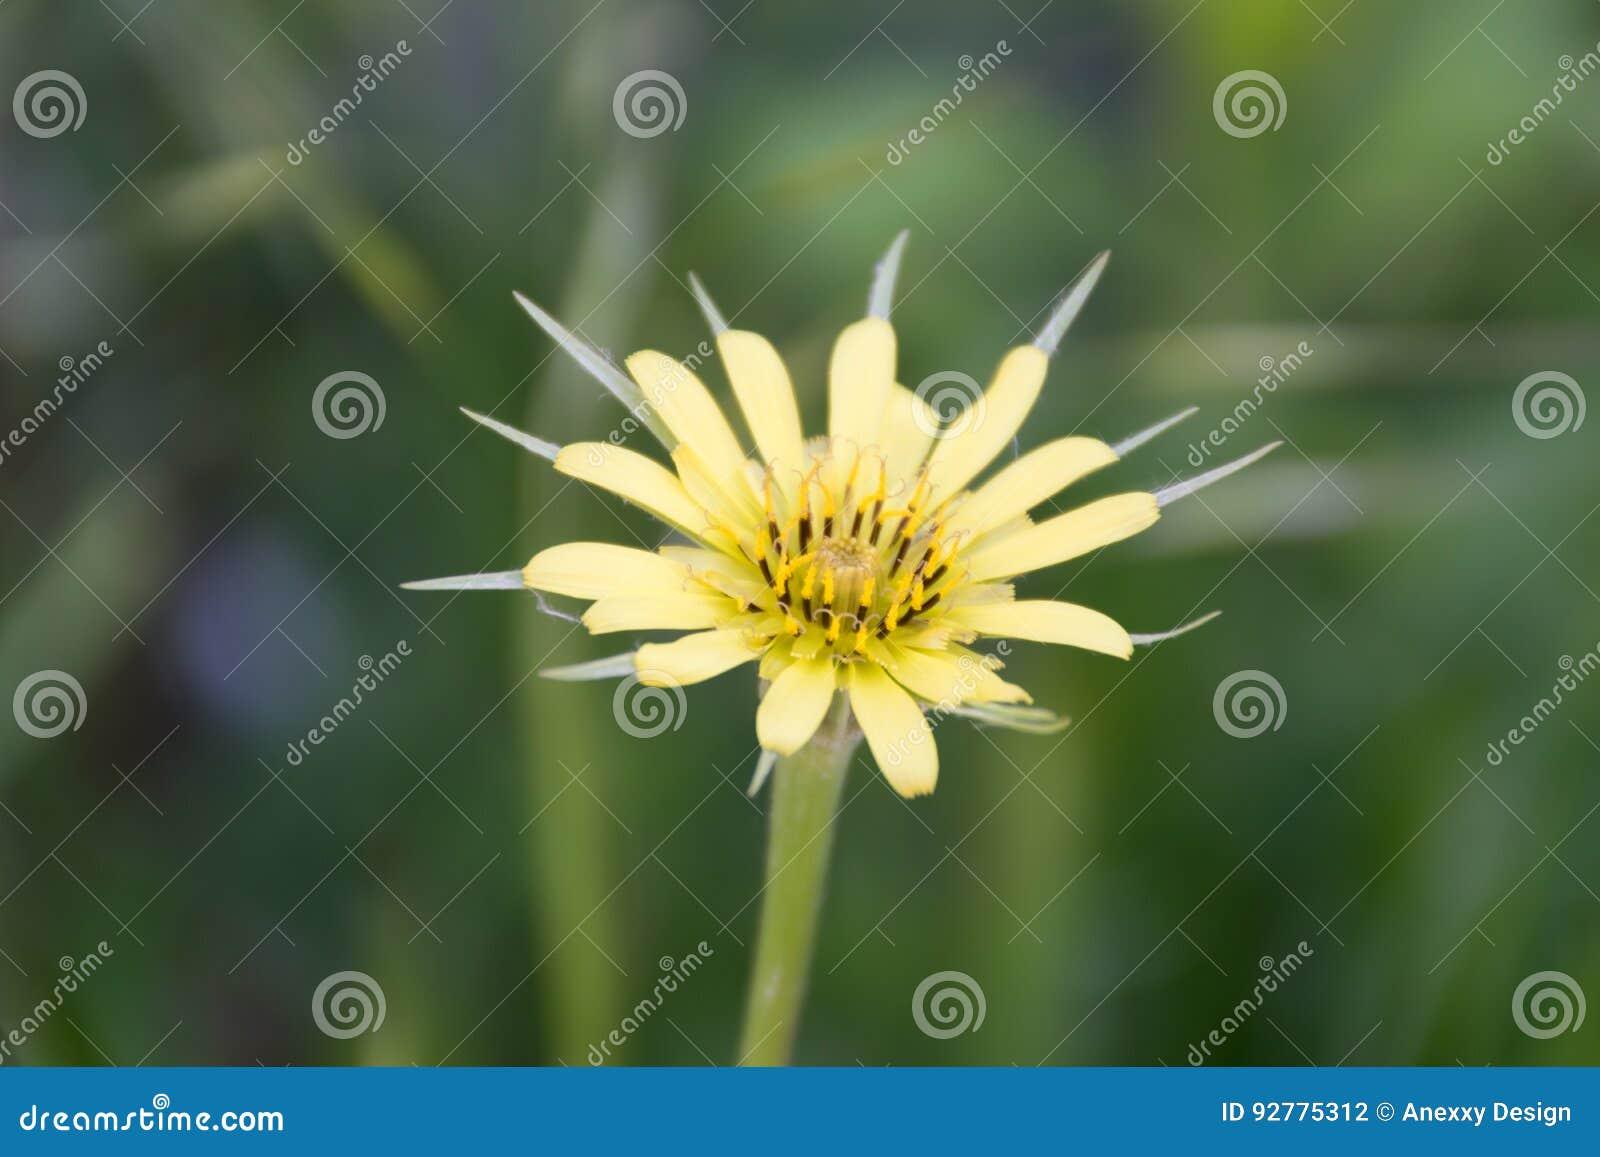 Geöffnete Blume